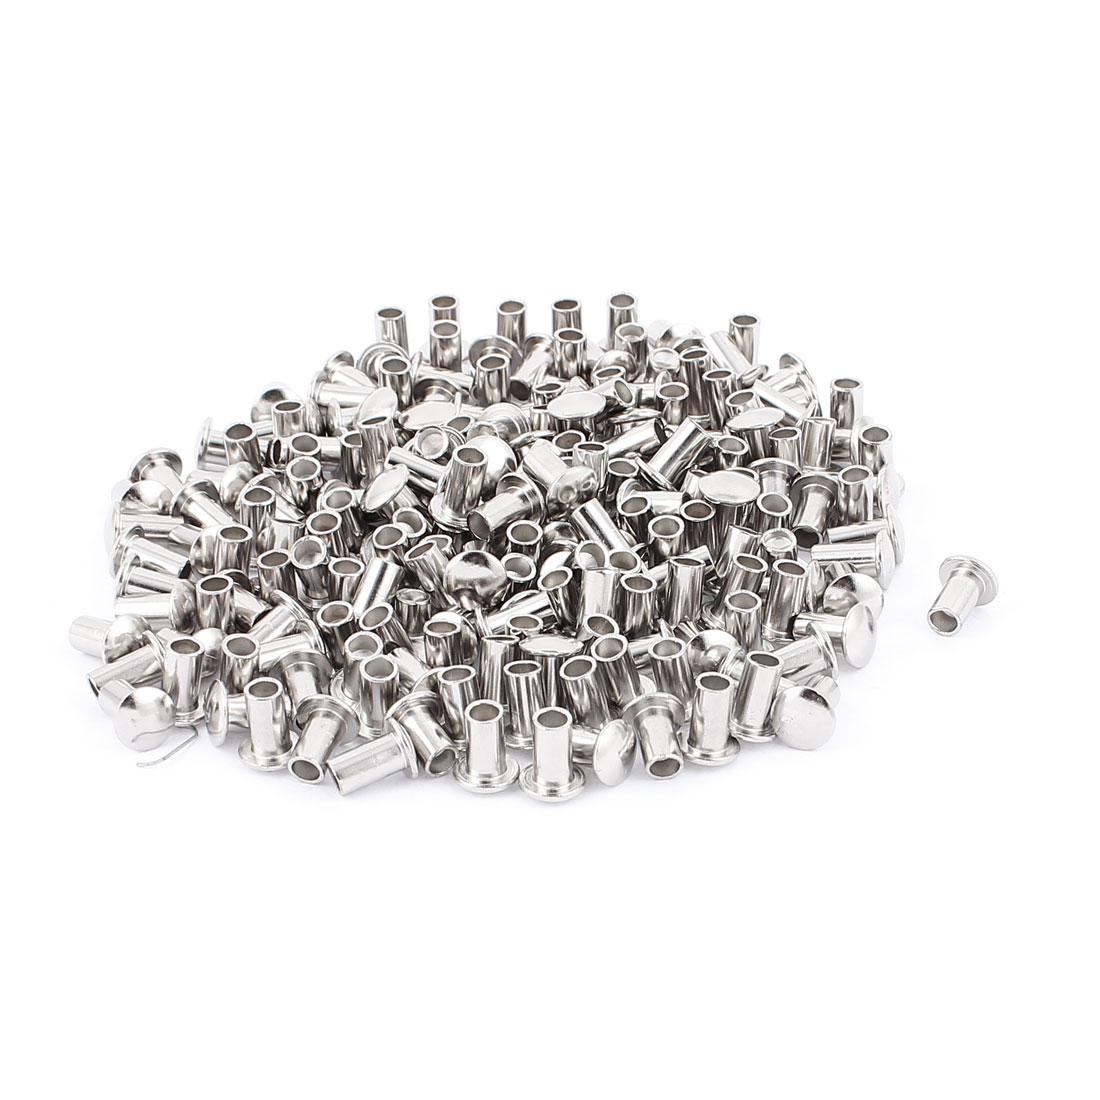 """200 Pcs 15/64"""" D Shank 25/64"""" L Nickel Plated Oval Head Semi Tubular Rivets Silver Tone"""